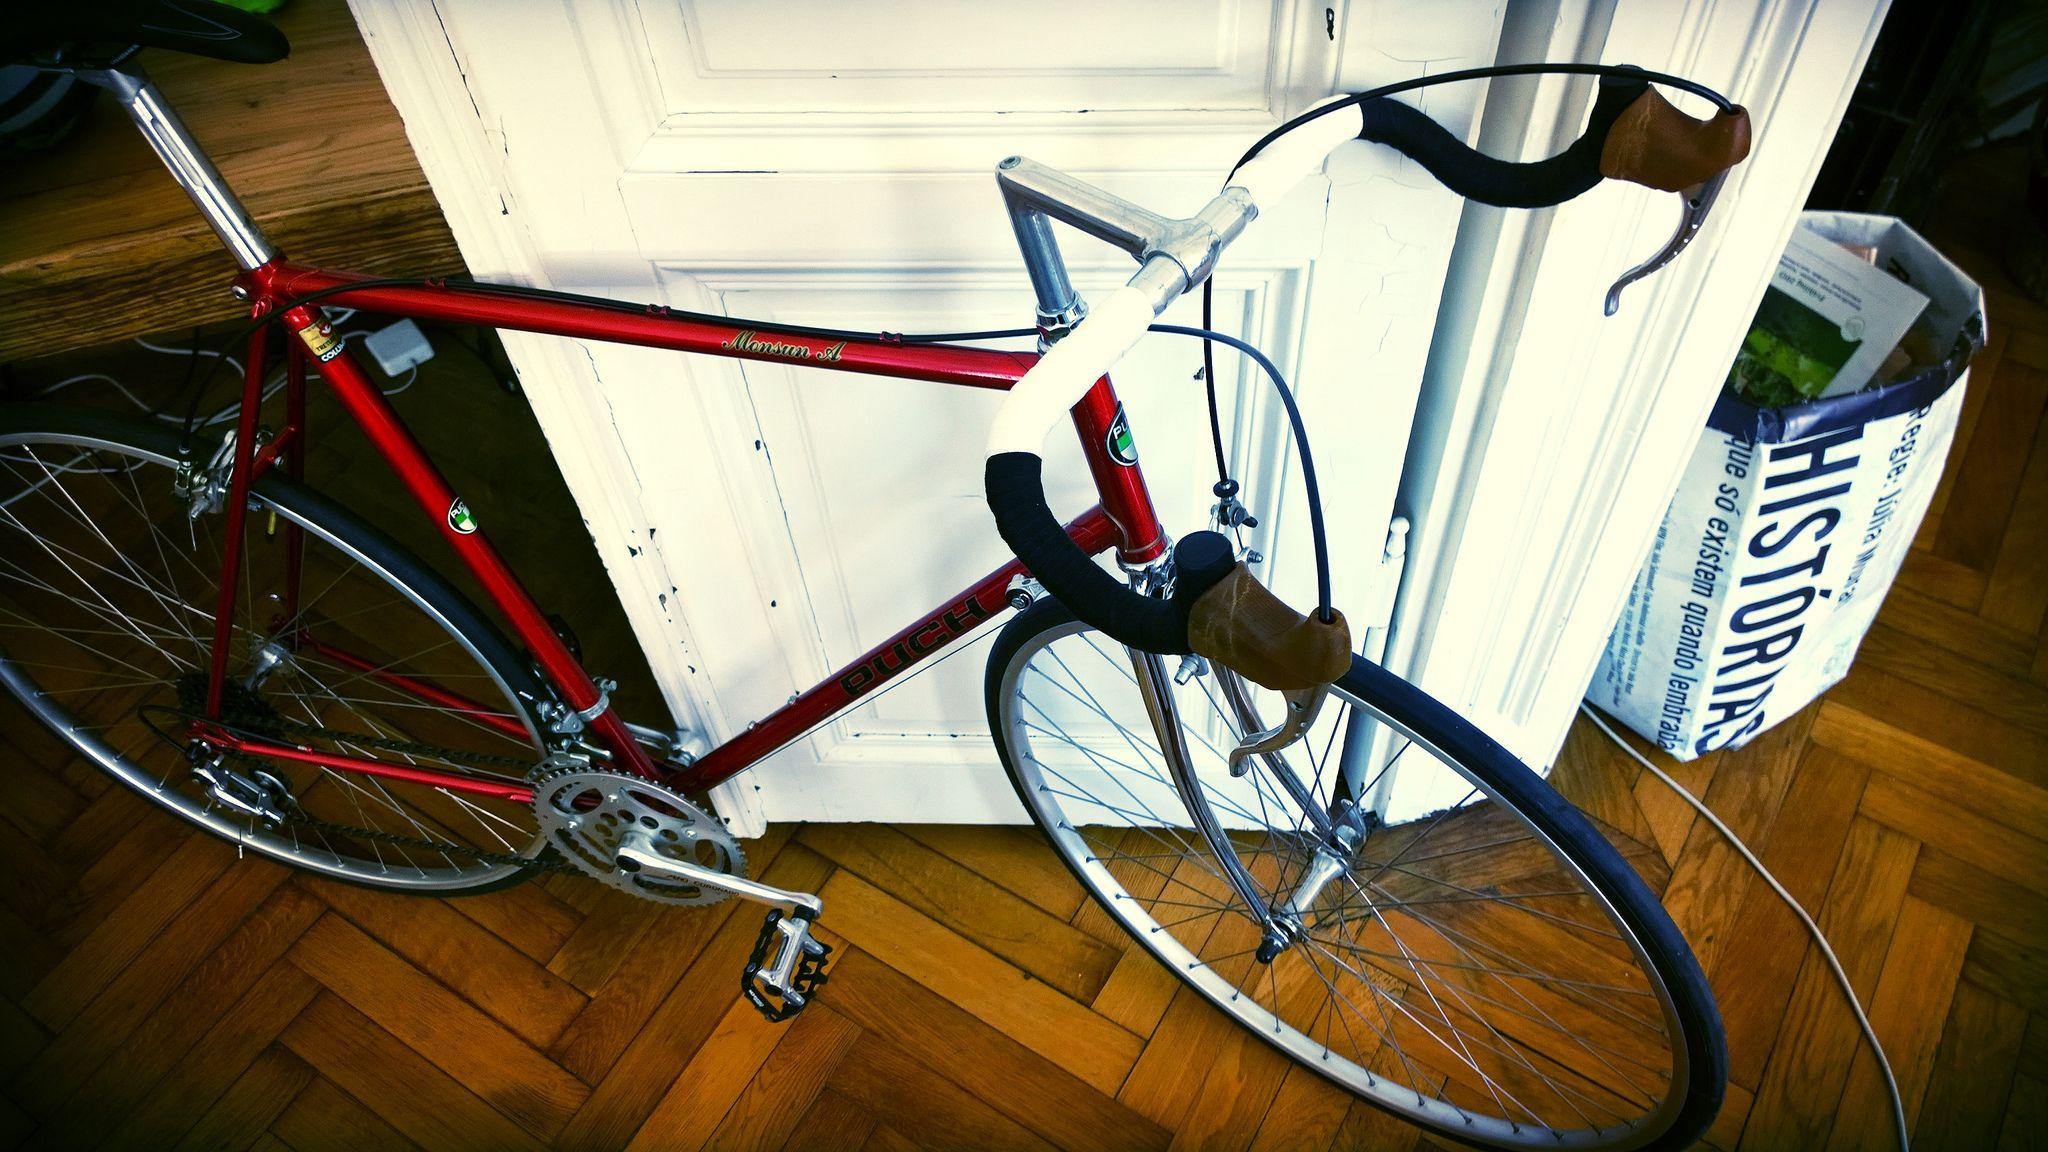 puch rennrad mit wsc wsk farben lenker bike bicycle vehicles. Black Bedroom Furniture Sets. Home Design Ideas